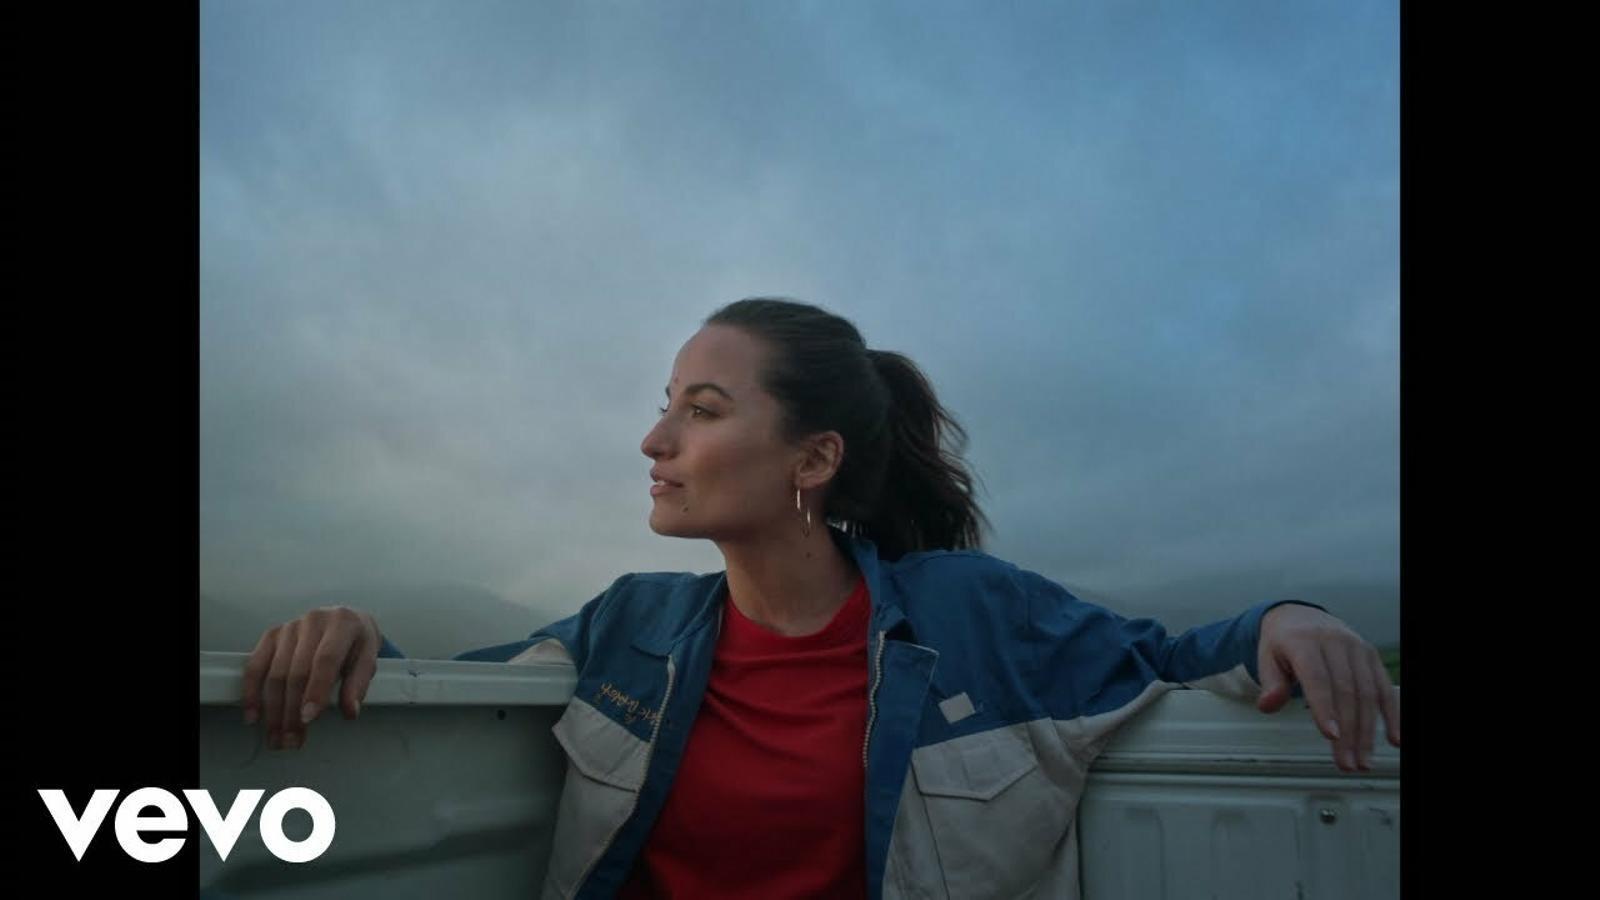 Judit Neddermann, 'Siento que vuela', videoclip